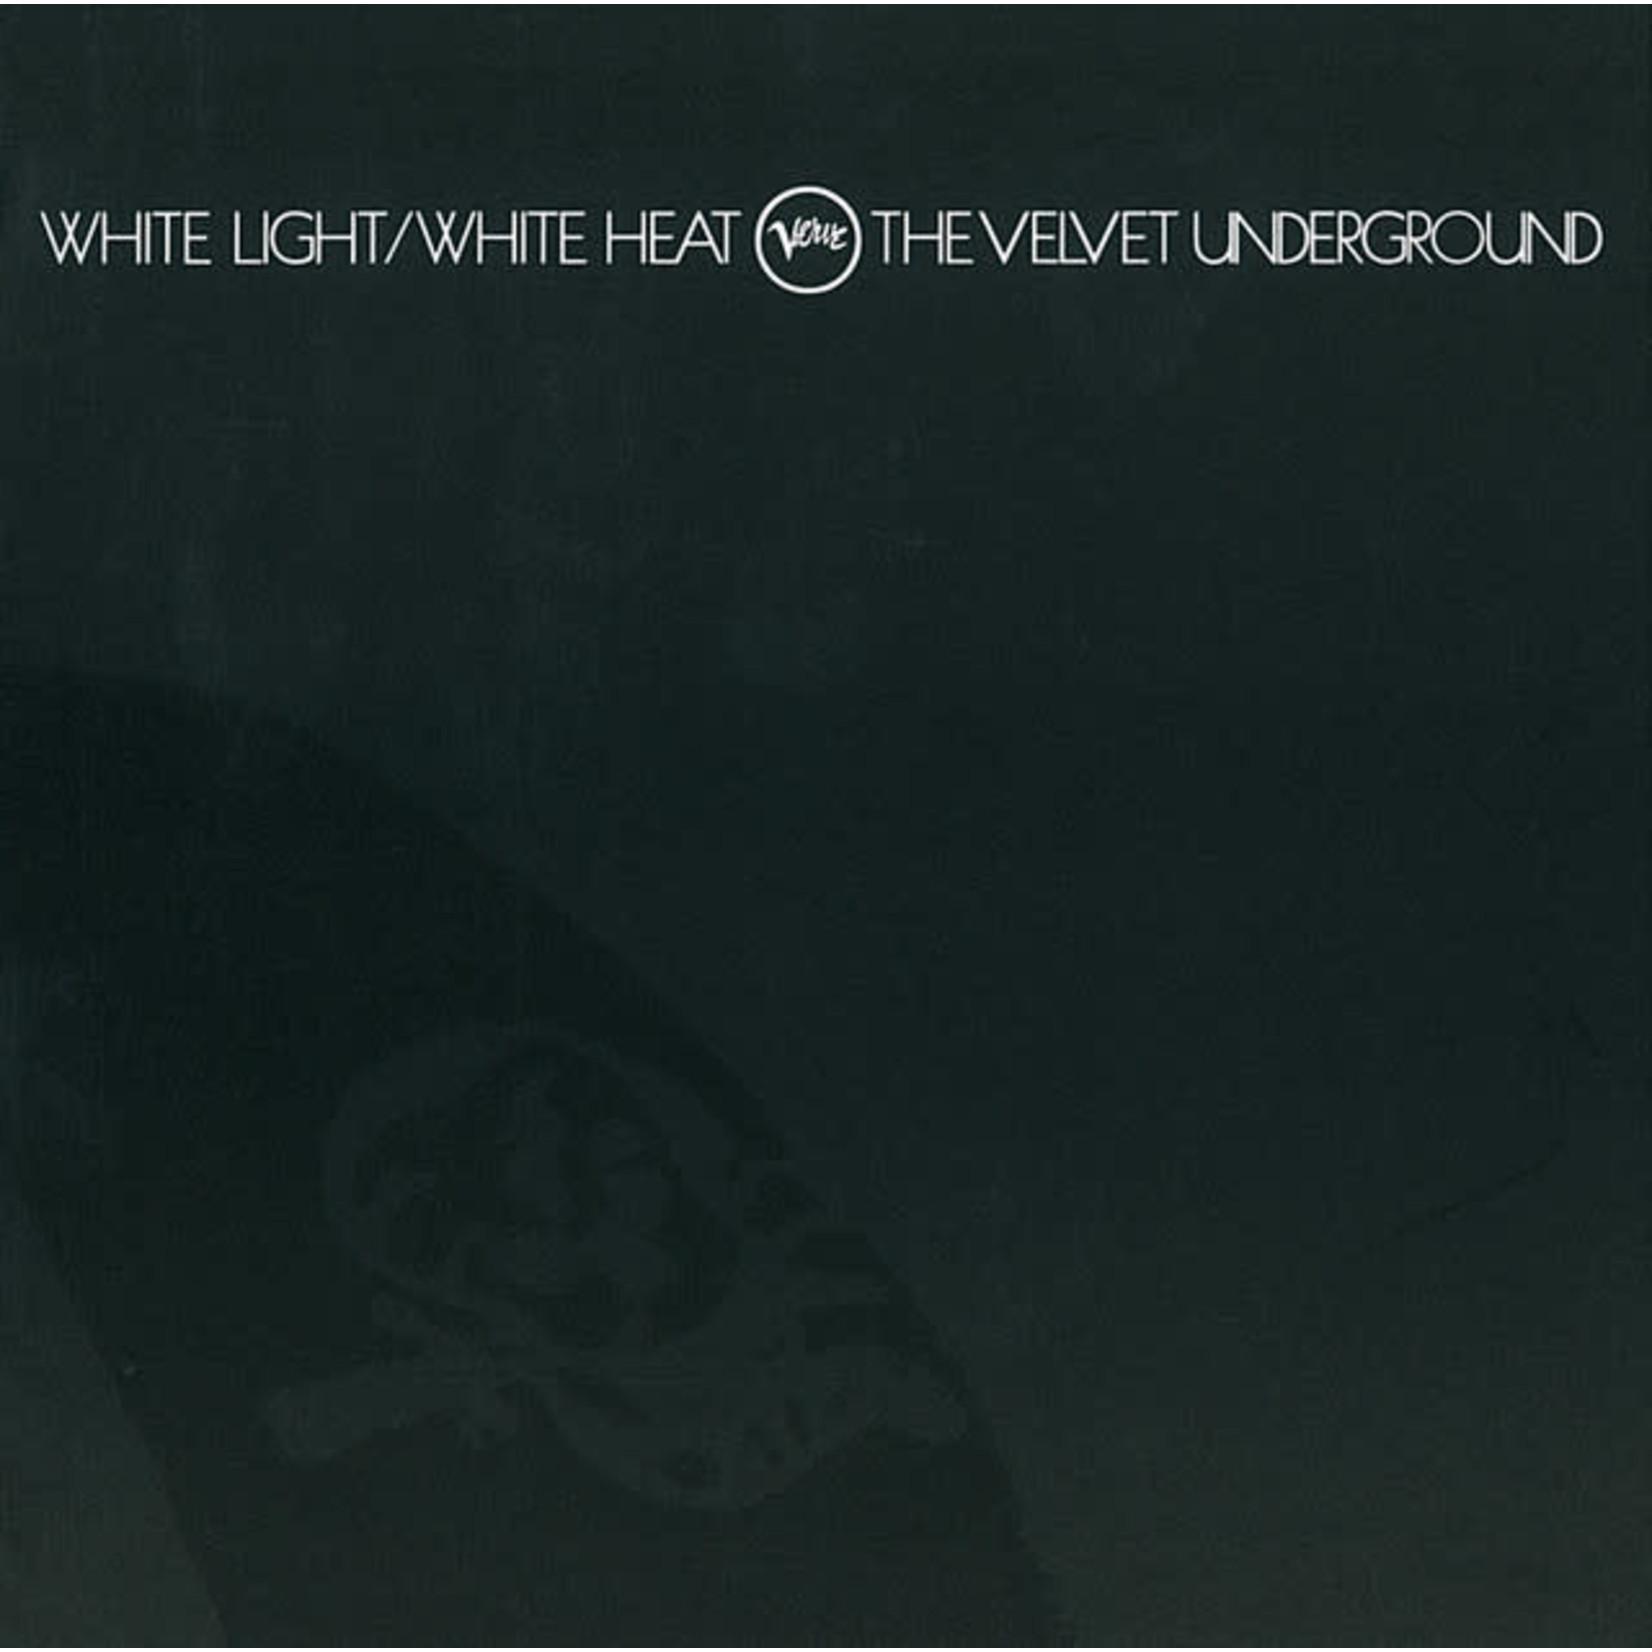 Vinyl The Velvet Underground - White Light/ White Heat